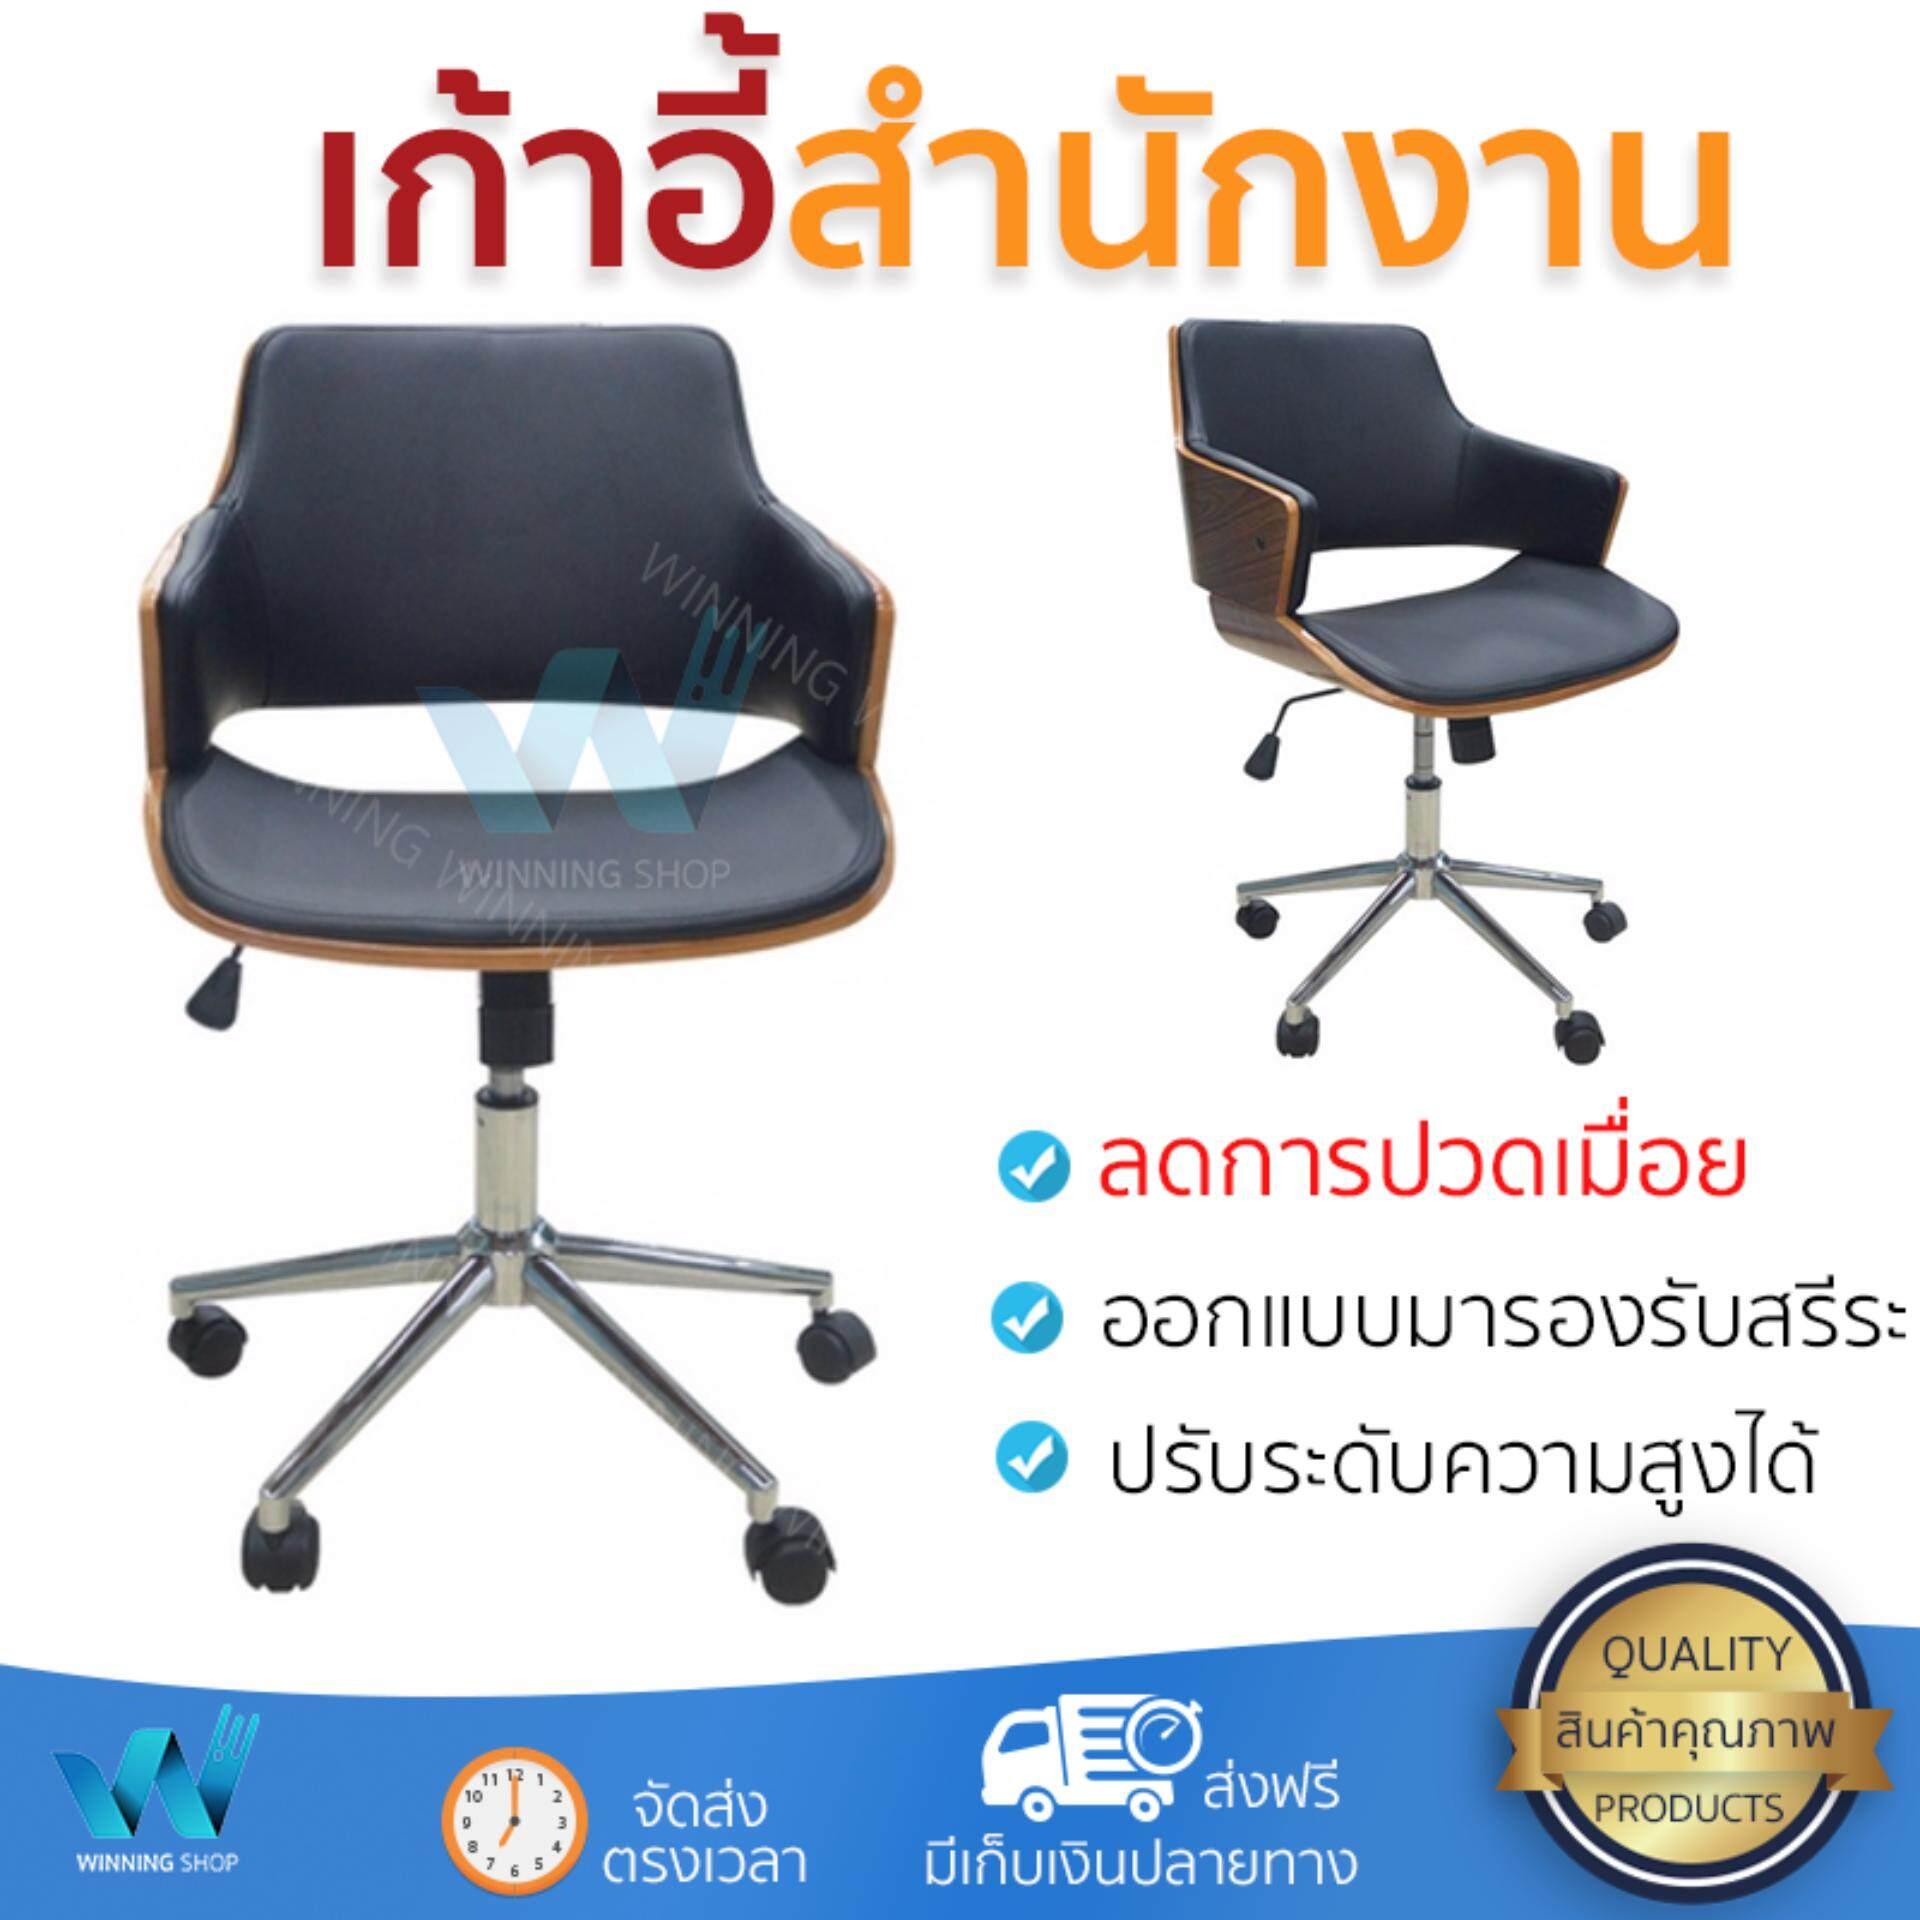 สุดยอดสินค้า!! ราคาพิเศษ เก้าอี้ทำงาน เก้าอี้สำนักงาน เก้าอี้สำนักงาน TRUST ดำ SDM-2678-5 | FURDINI | SDM-2678-5 ลดอาการปวดเมื่อยลำคอและไหล่ เบาะนุ่มกำลังดี นั่งสบาย ไม่อึดอัด ปรับระดับความสูงได้ Offi